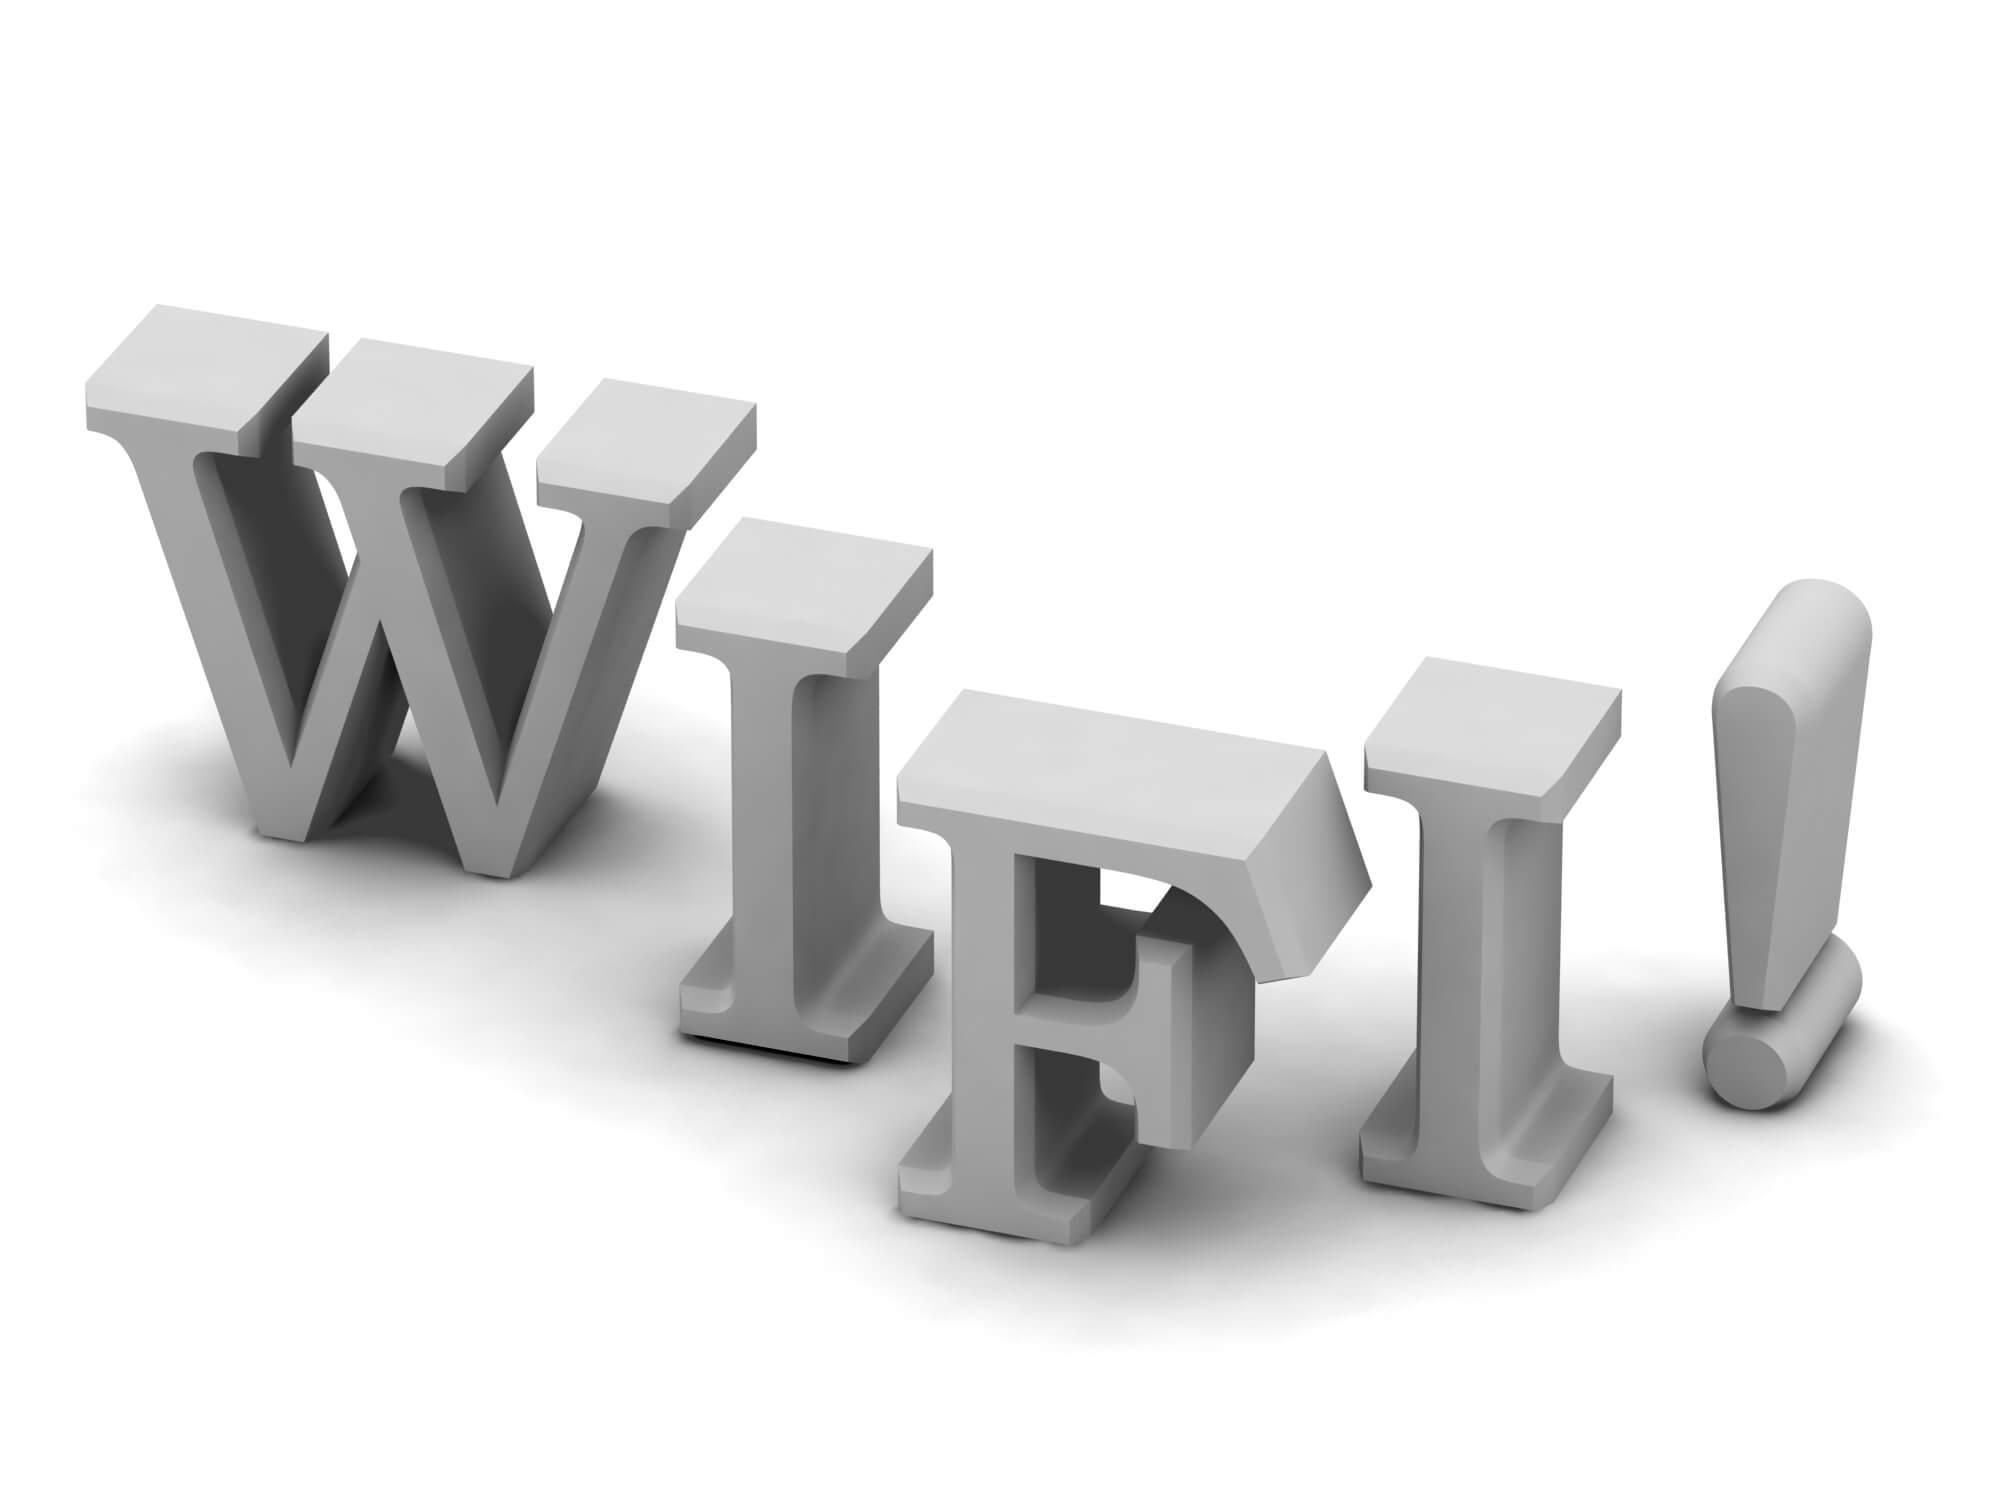 Jak włączyć WiFi w laptopie